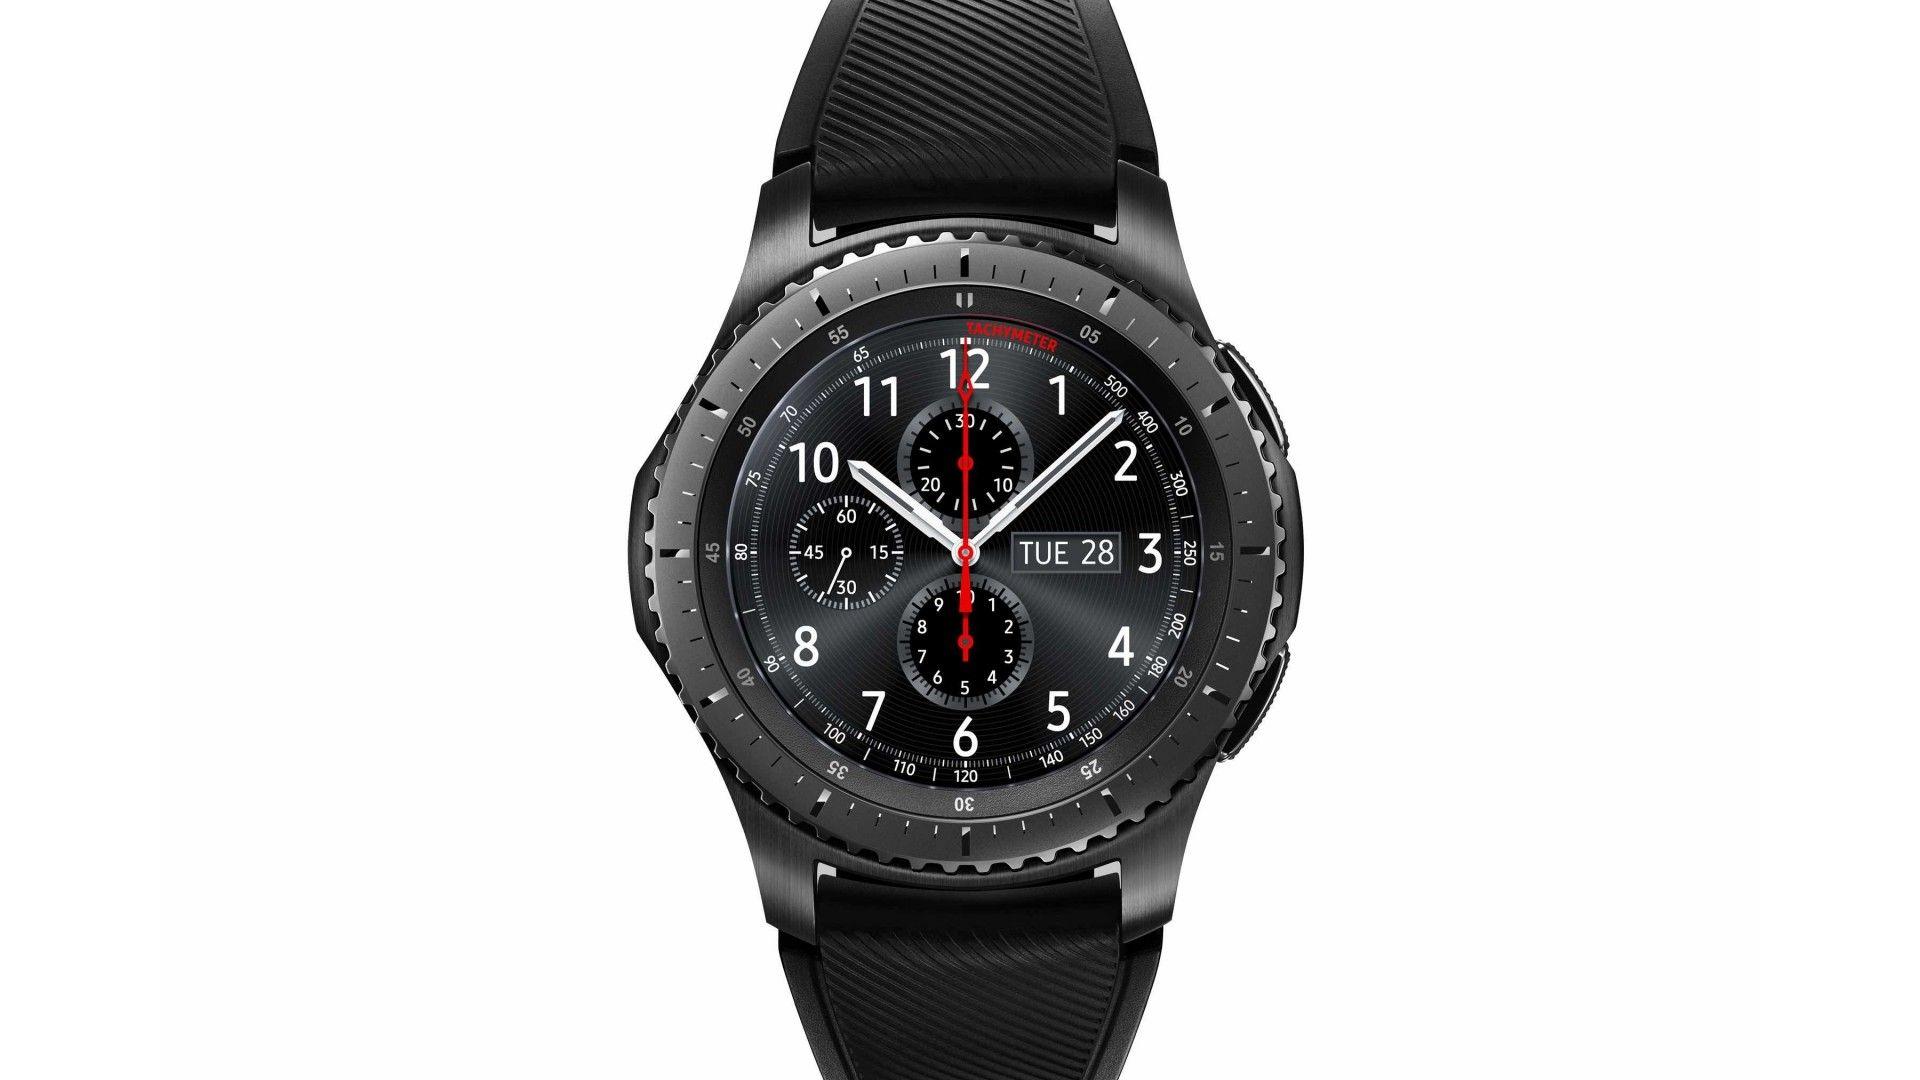 Smartwatch 1080p background